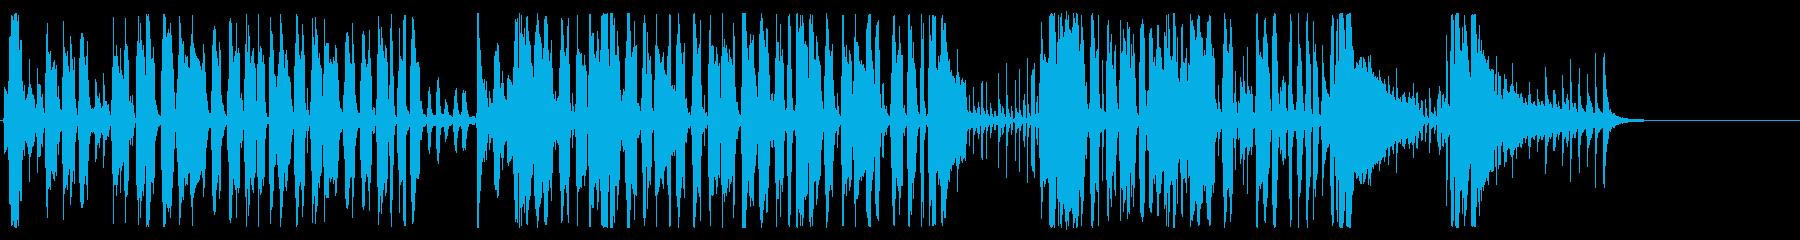 遊び心のあるコメディ楽器。 T.V...の再生済みの波形